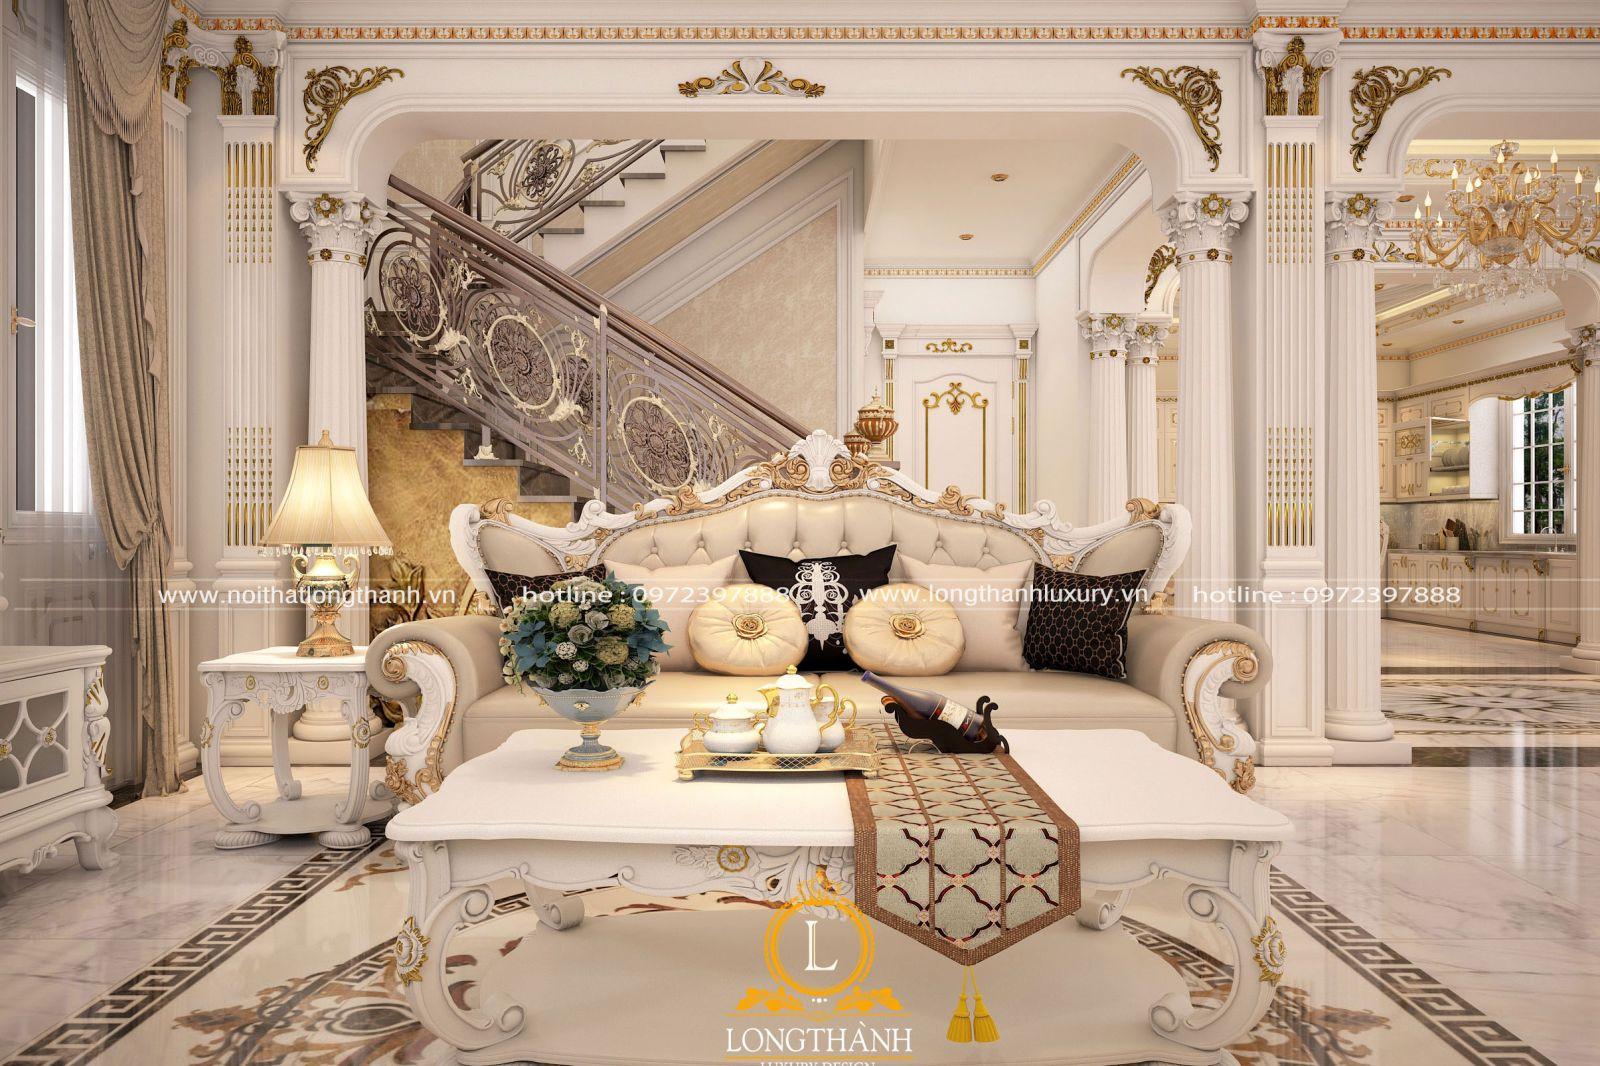 Thiết kế nội thất biệt thự song lập với màu sắc và ánh sáng hài hòa cân đối